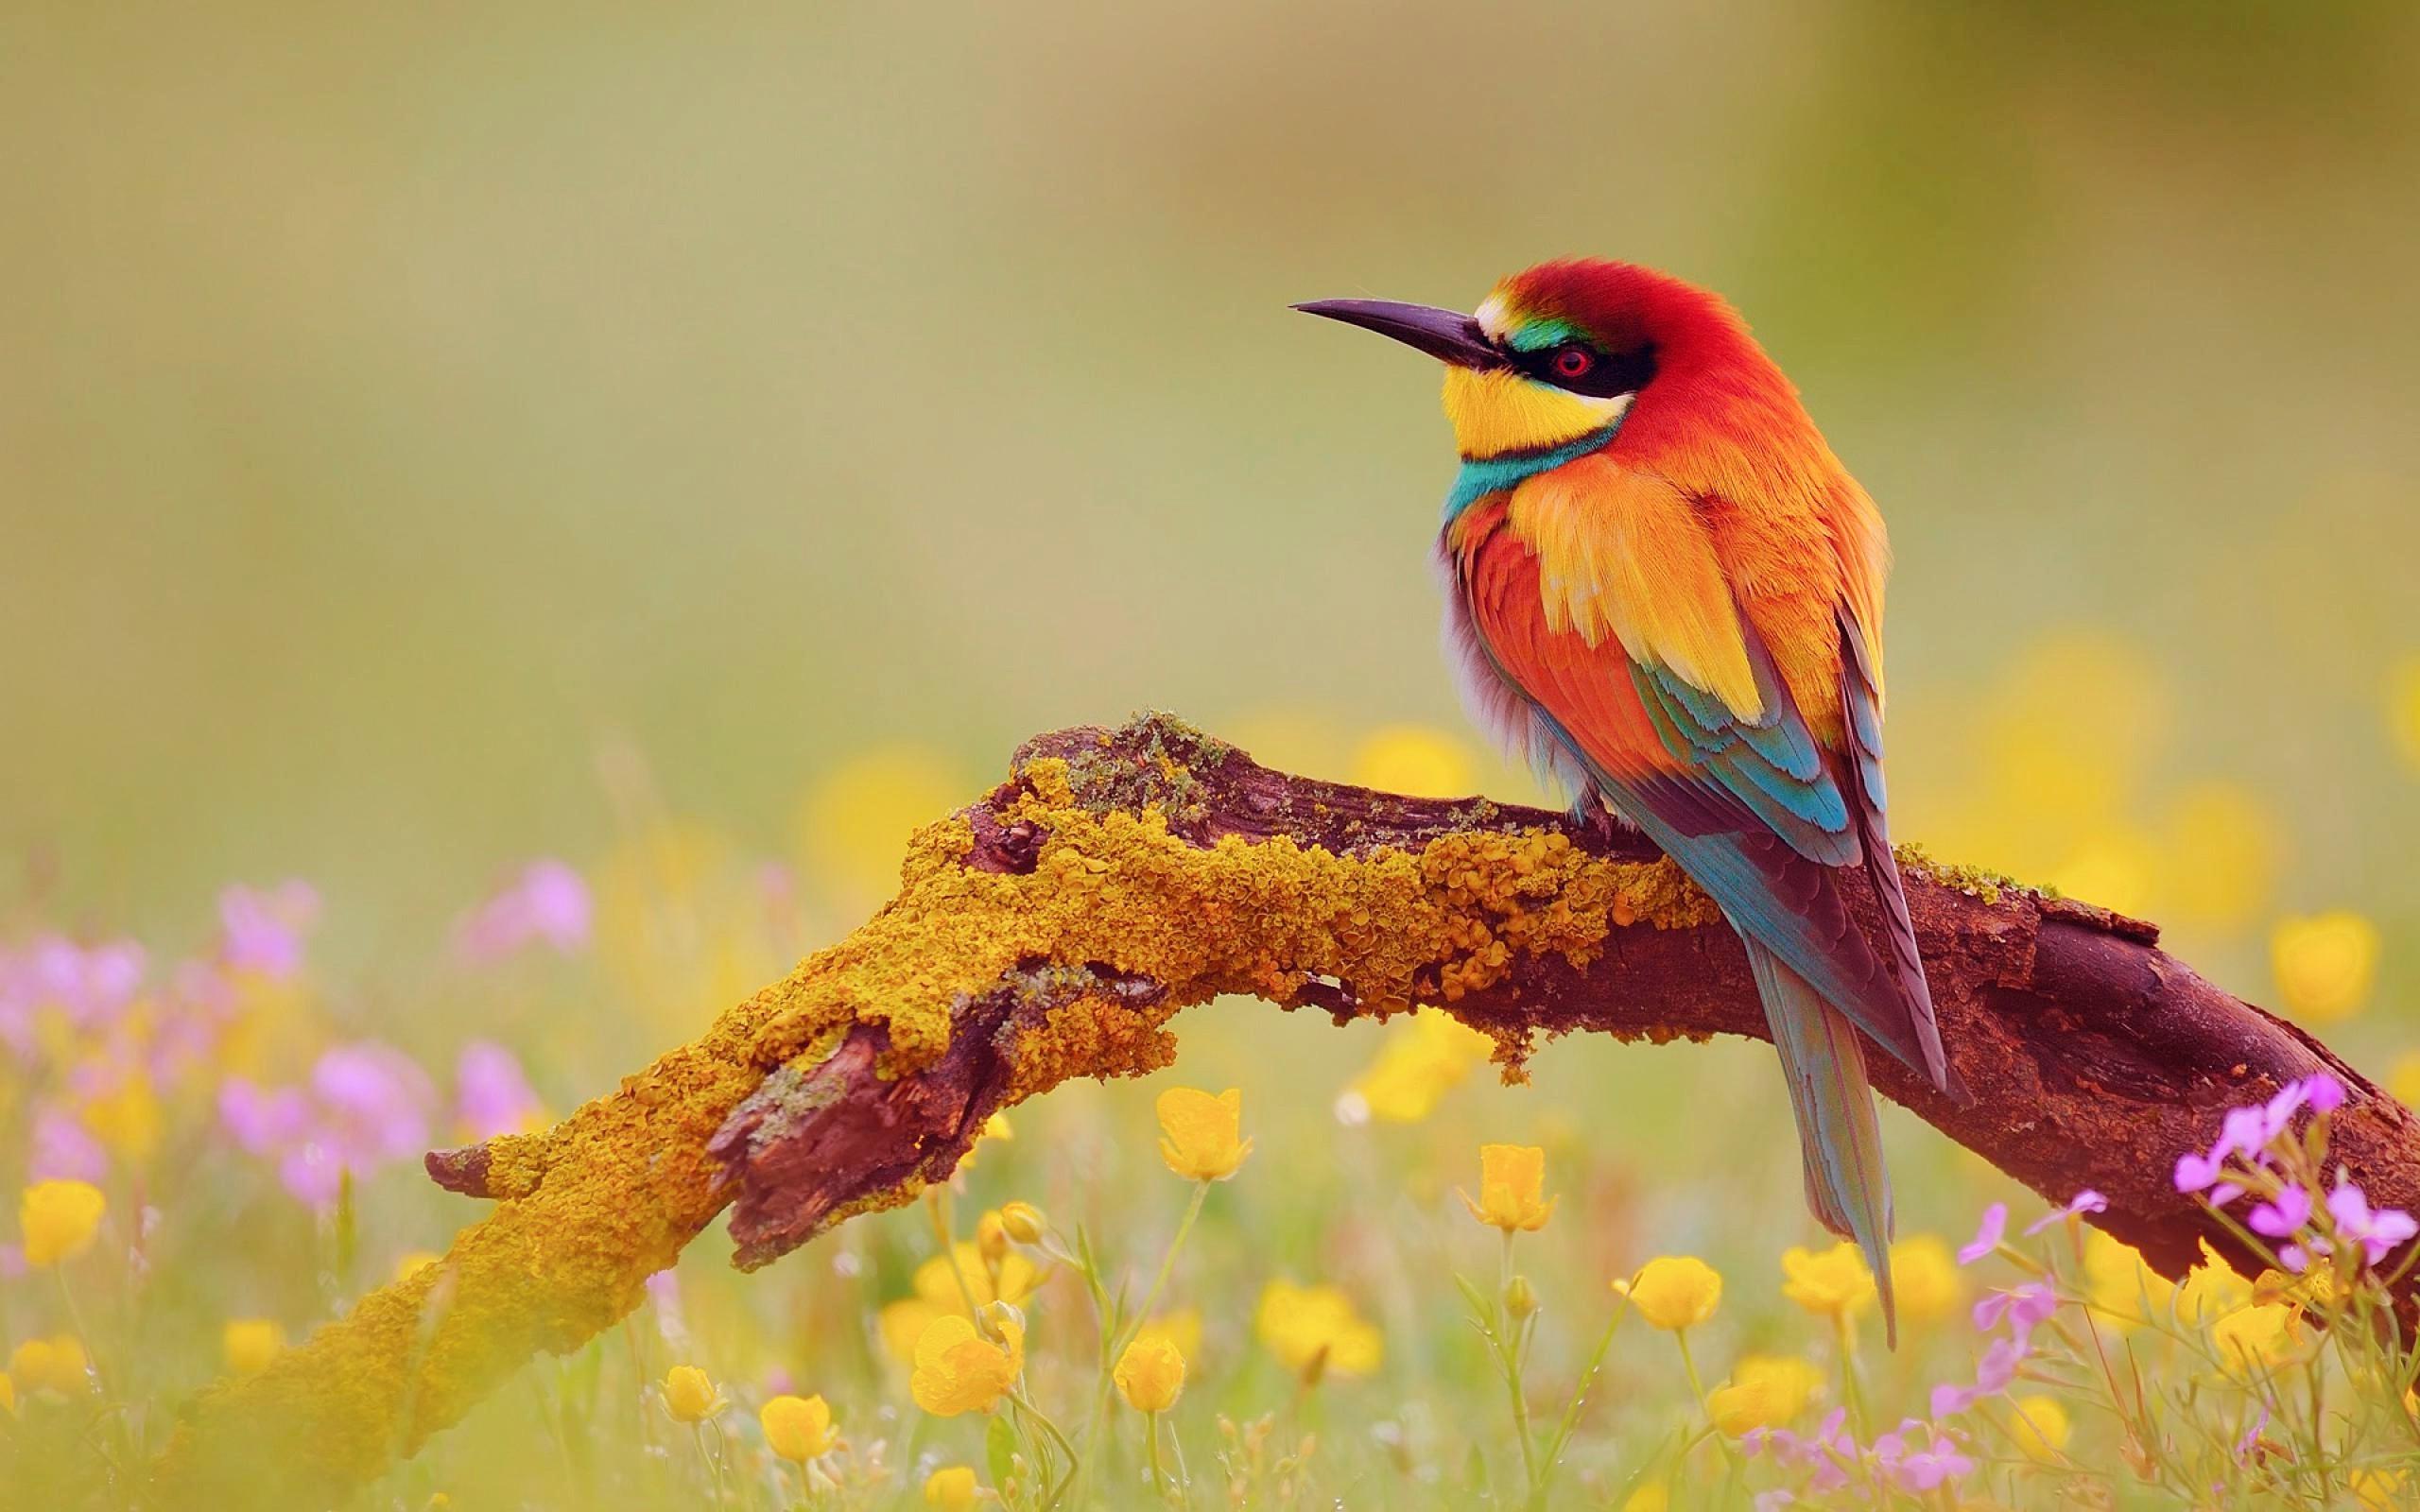 2560x1600 Cute Bird Wallpapers Cute Wallpaper Birds 2560x1600 Wallpaper Teahub Io